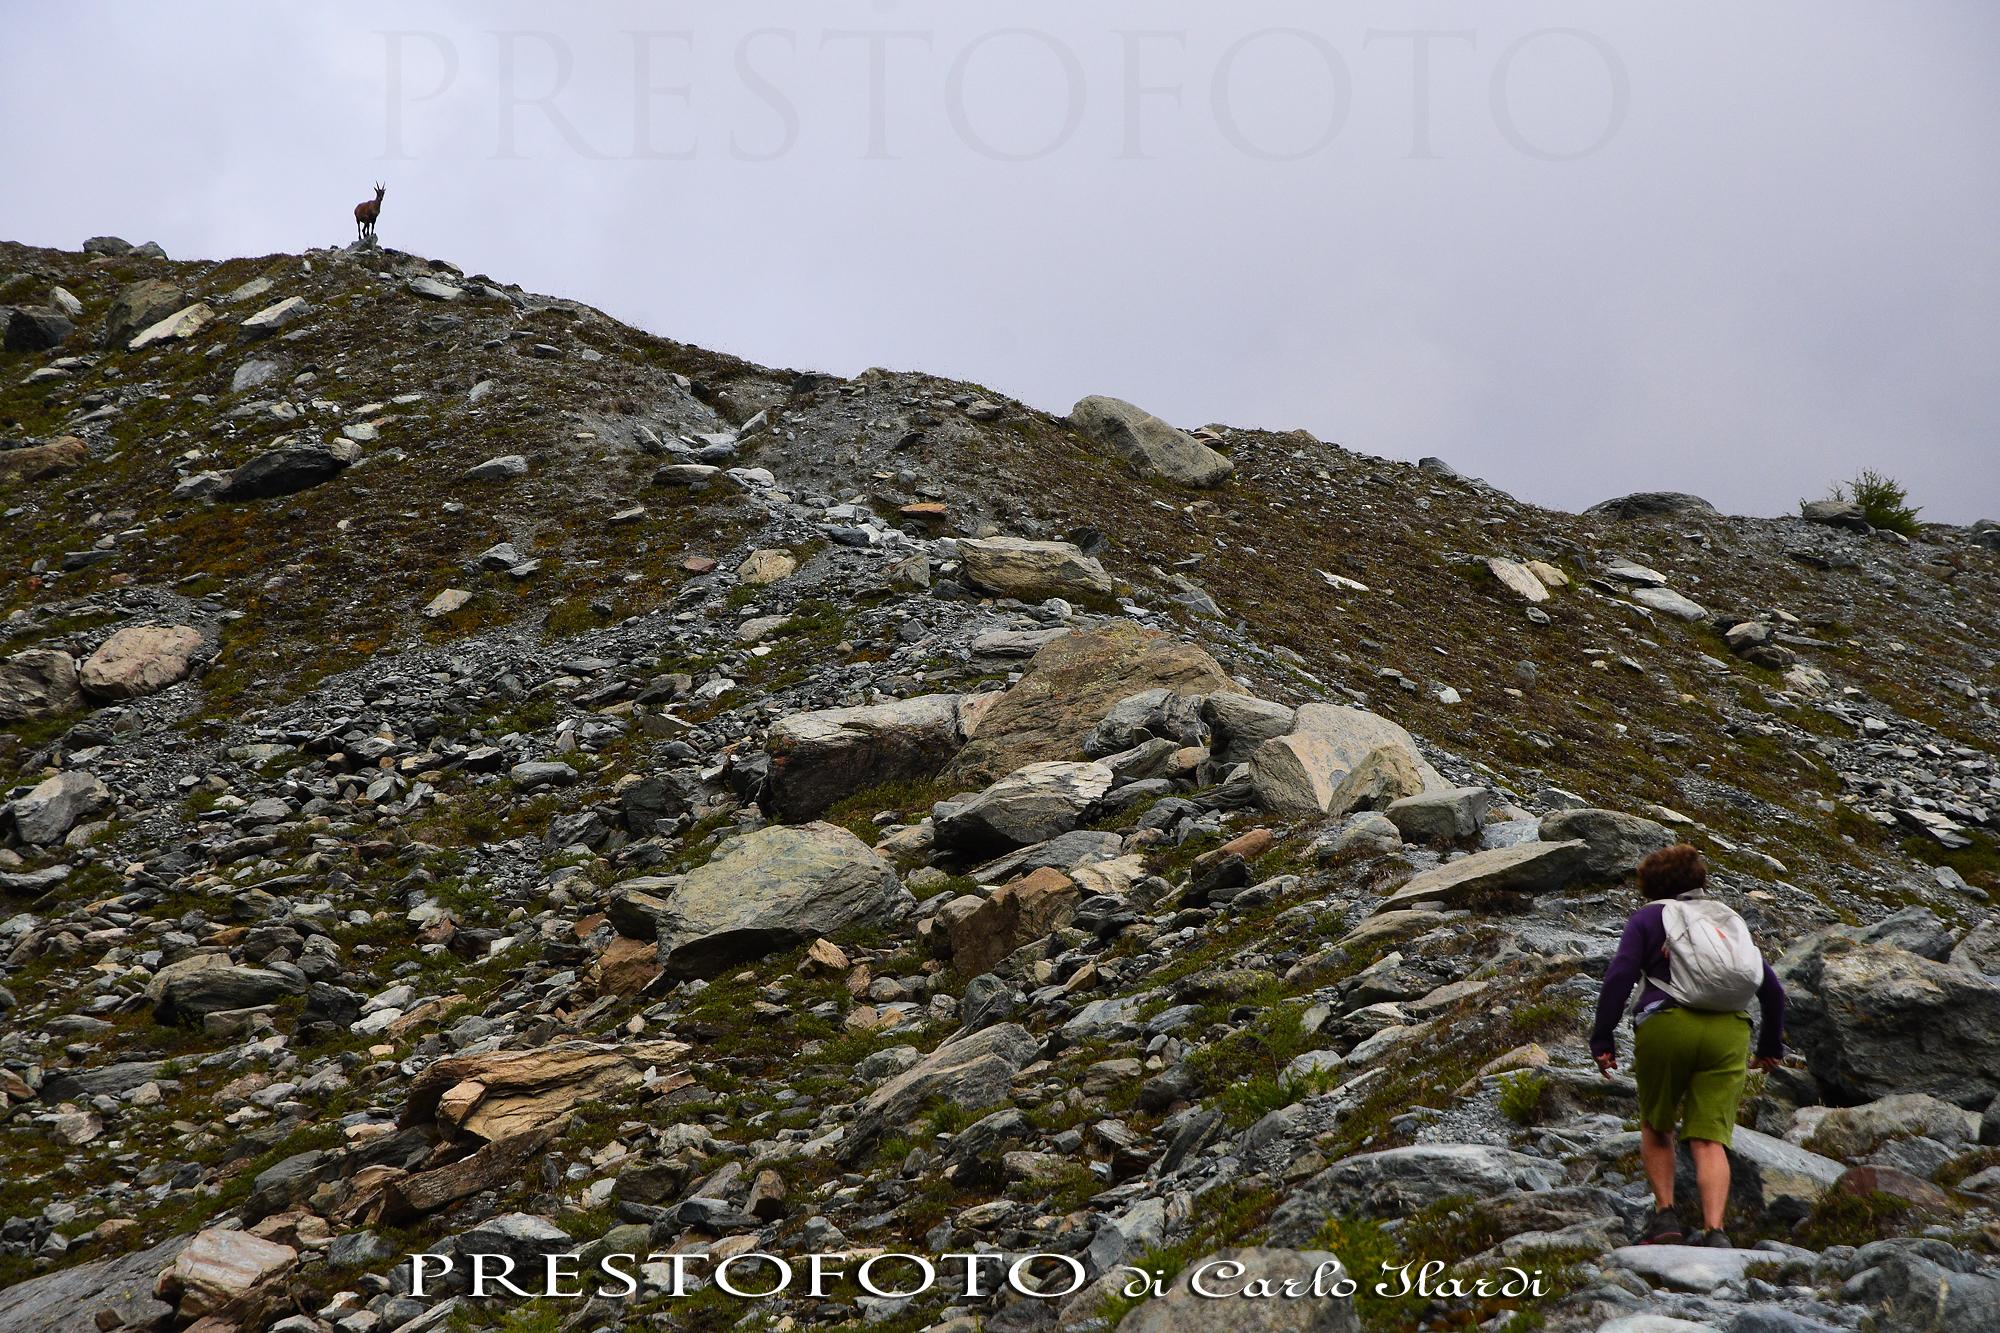 il guardiano del sentiero (monterosa, rifugio mezzalama...